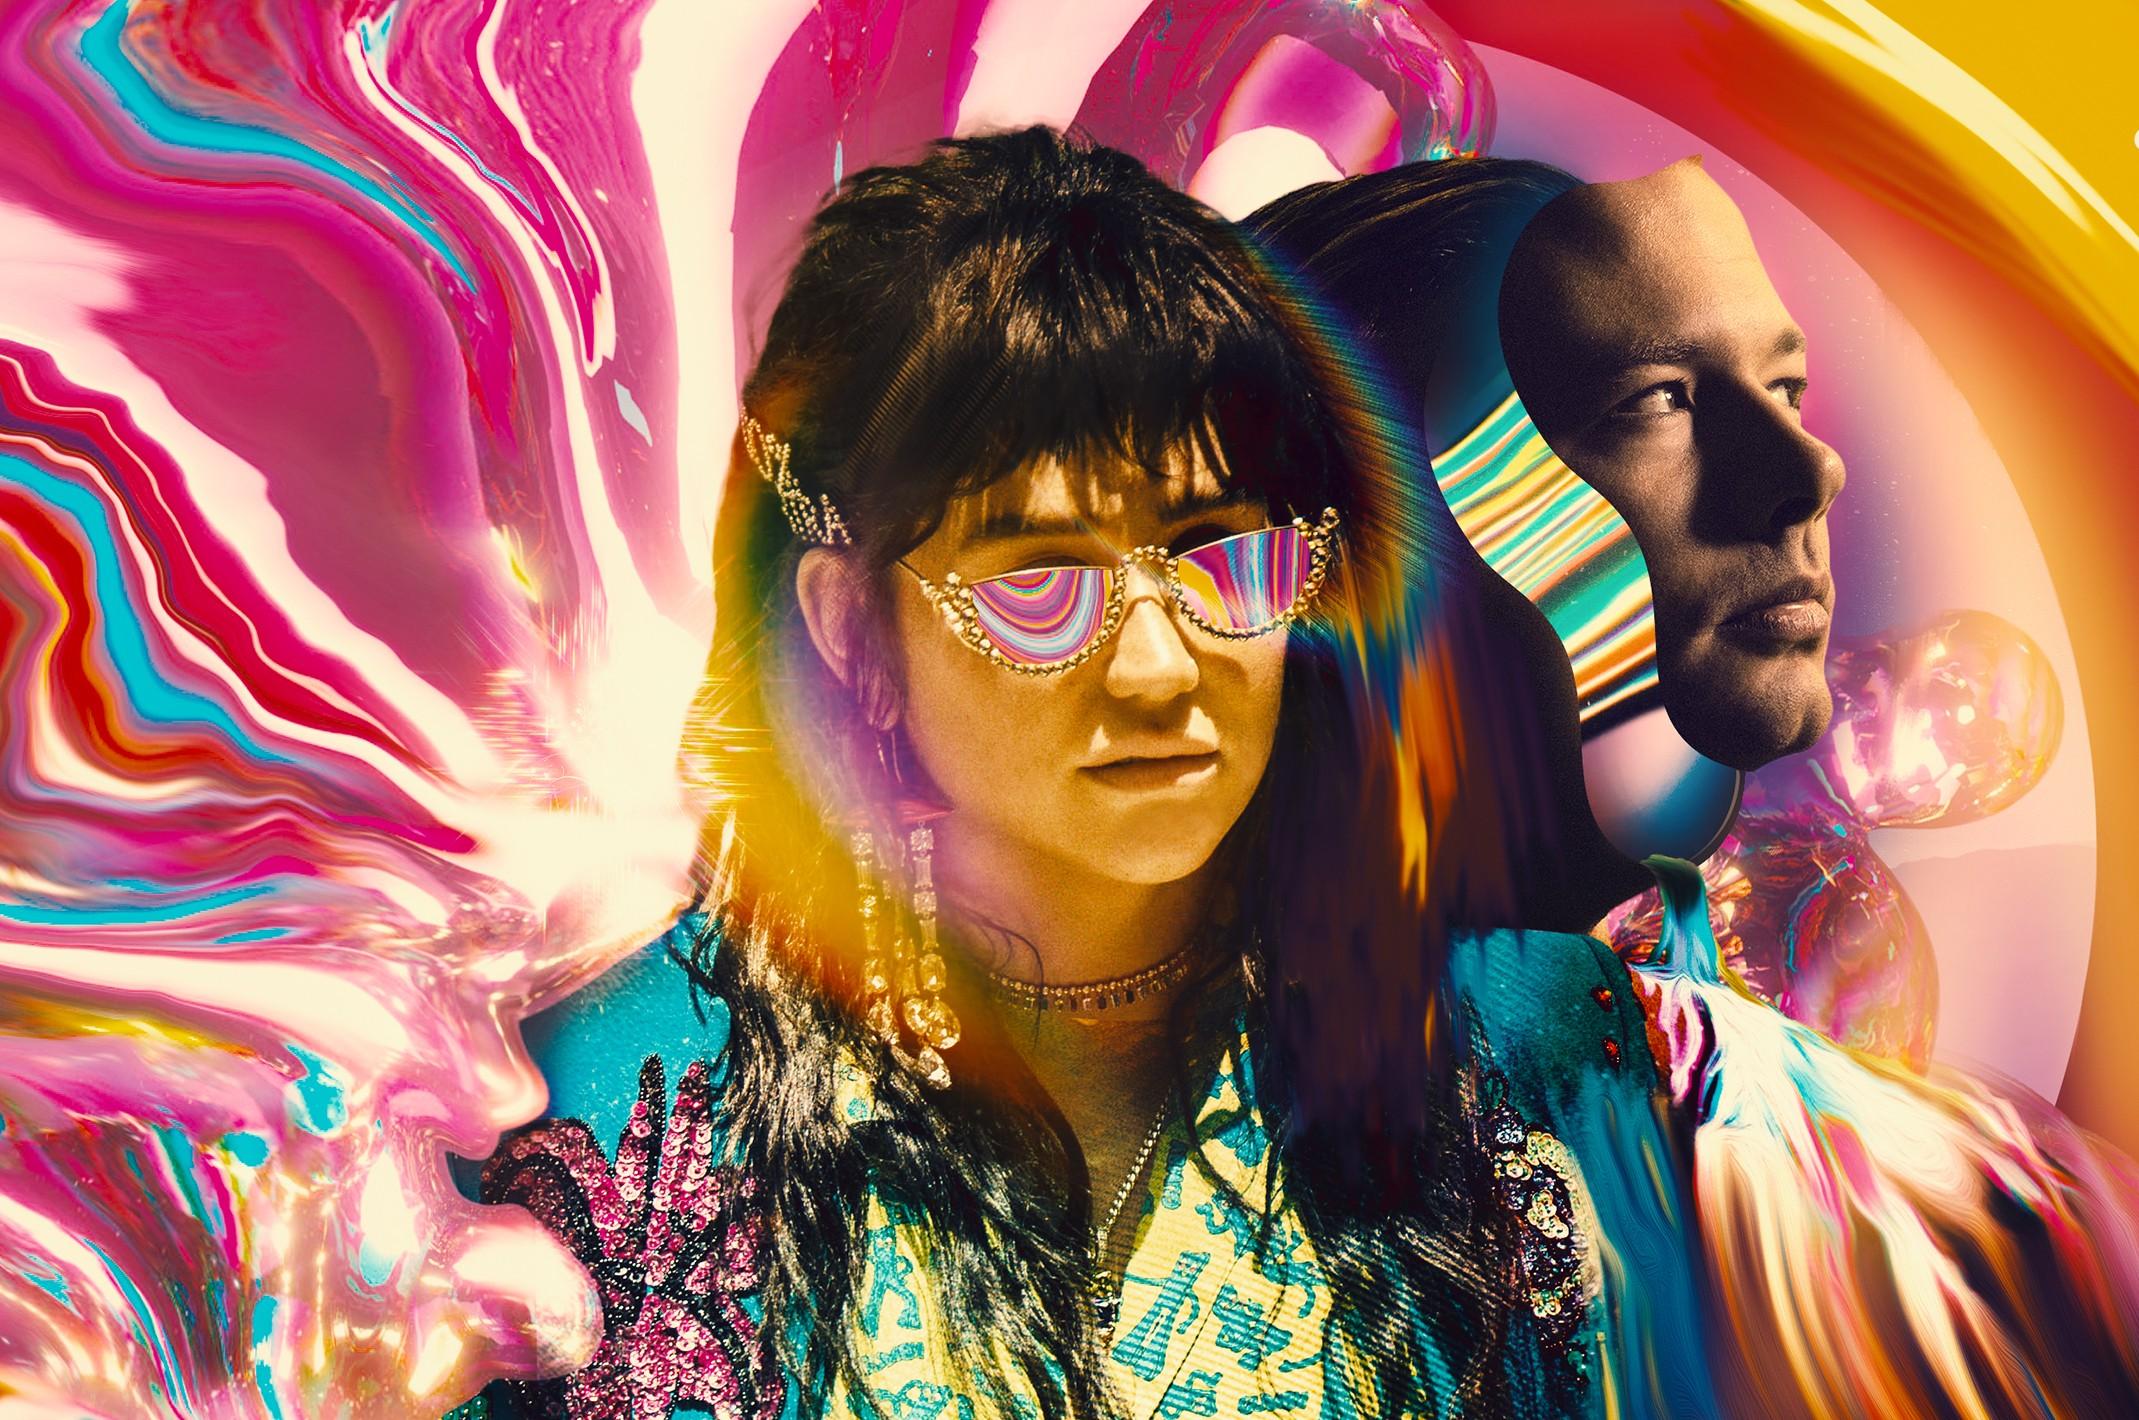 Sam Feldt става по-силен със 'Stronger' (feat. Kesha) 141